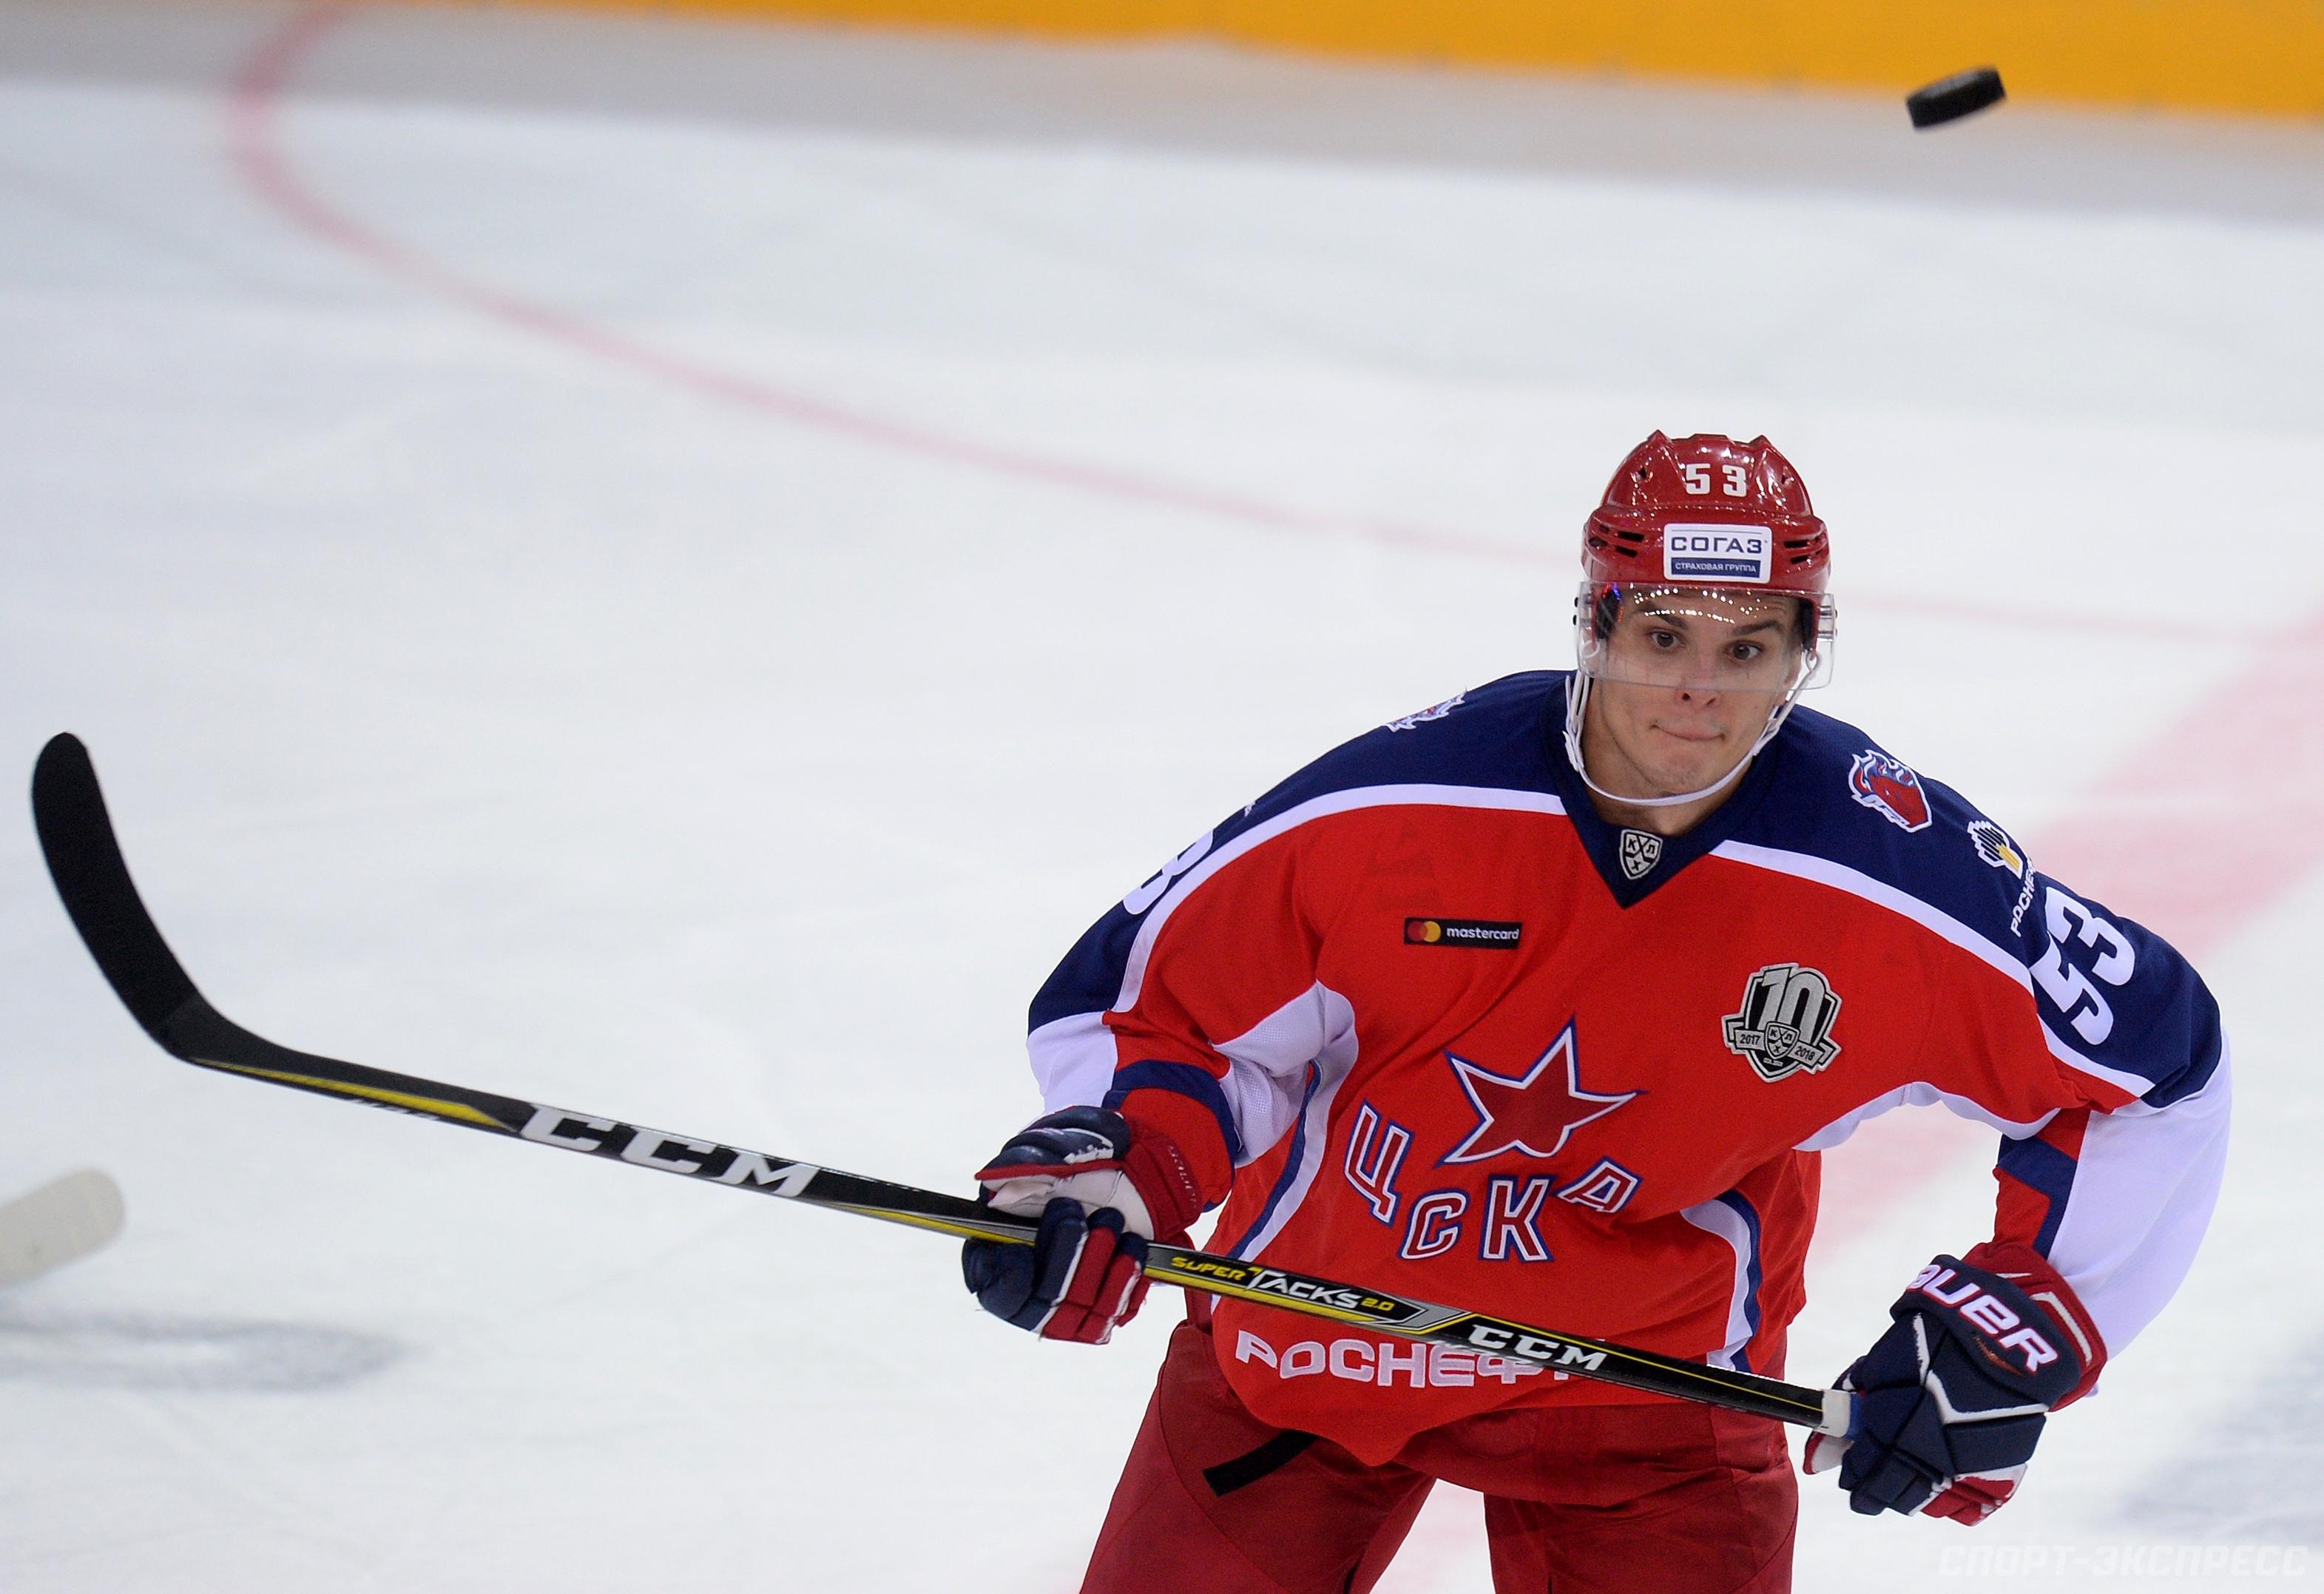 https://ss.sport-express.ru/userfiles/materials/108/1081480/origin.jpg